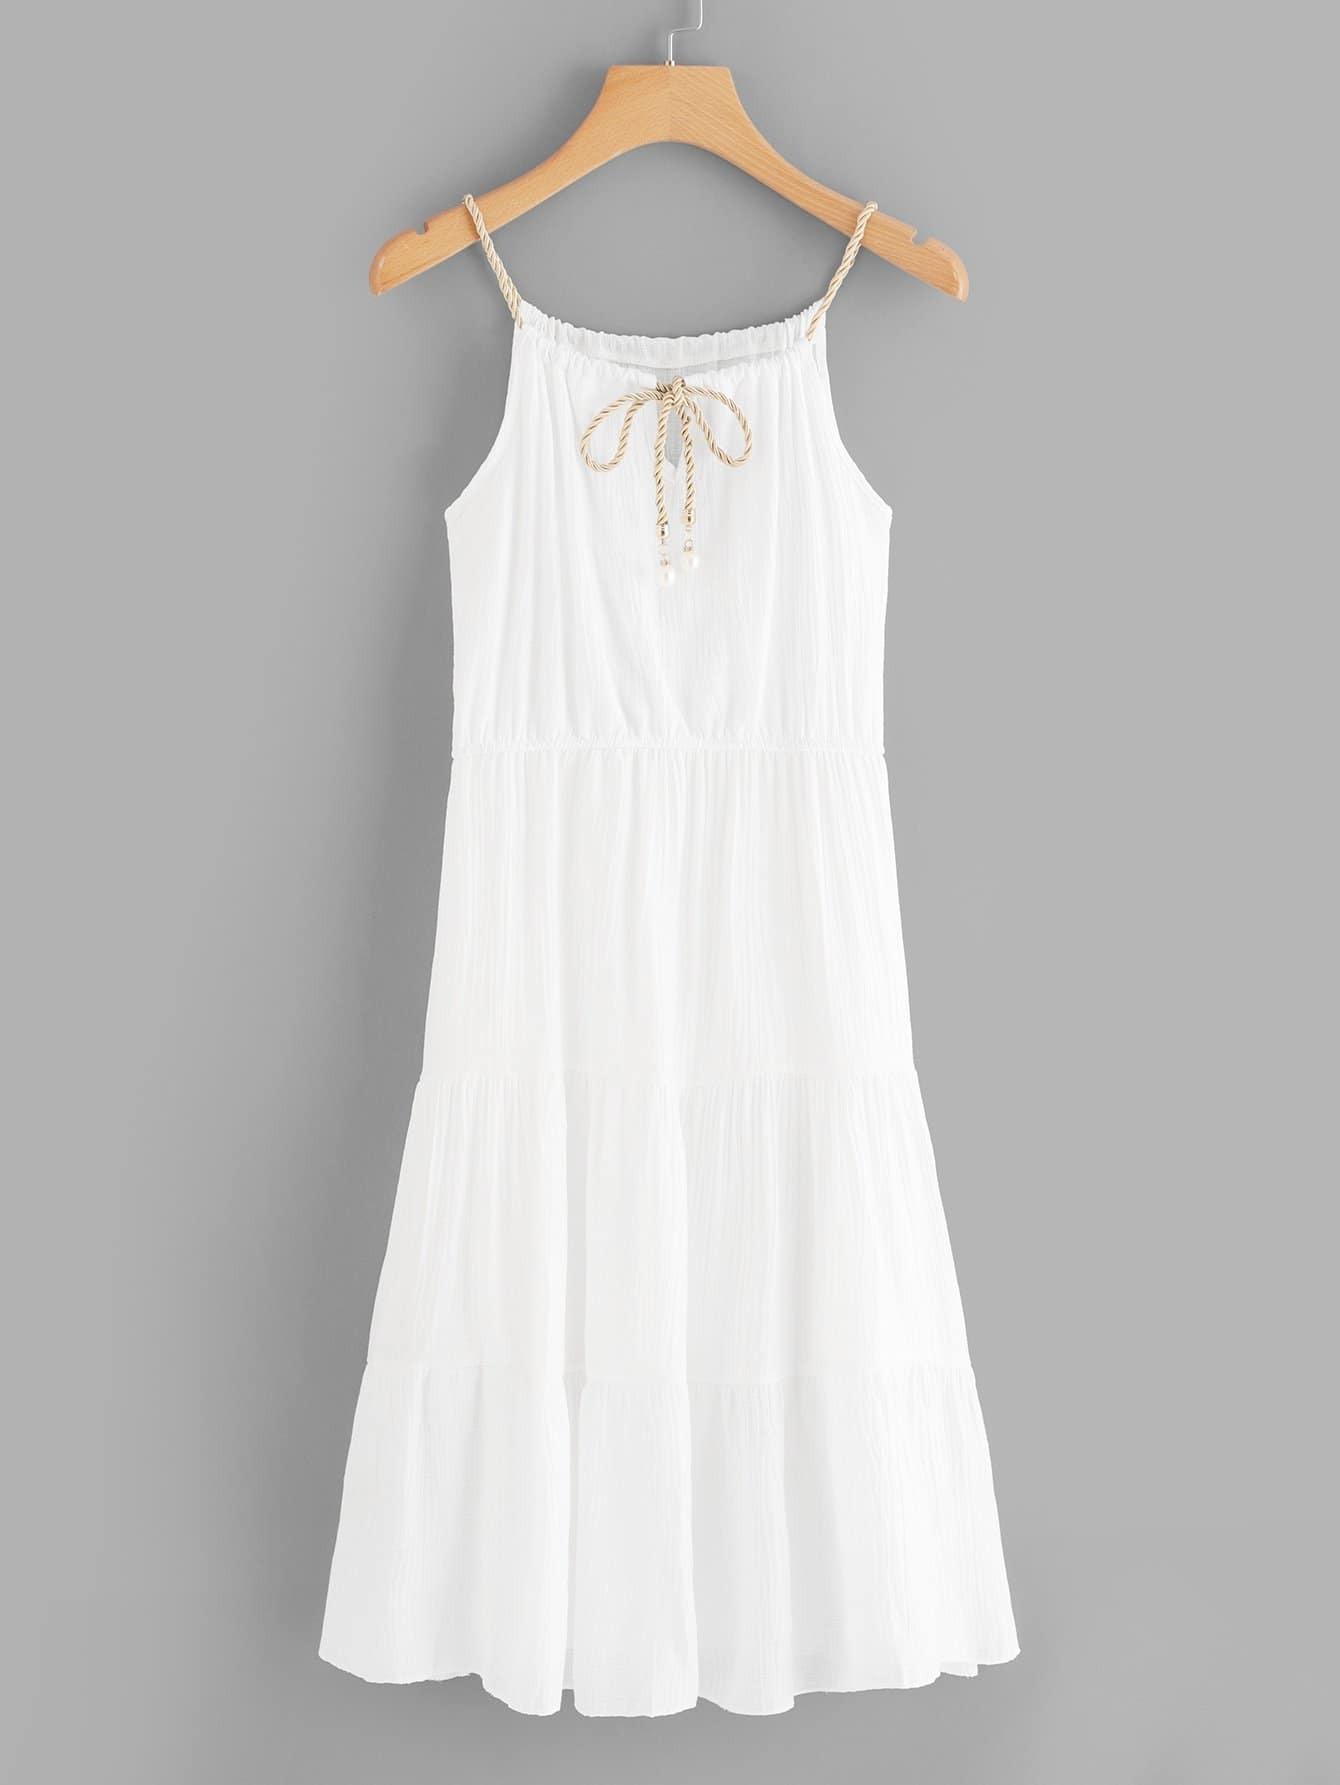 Einfarbiges Kleid mit Band auf dem Ausschnitt und Neckholder